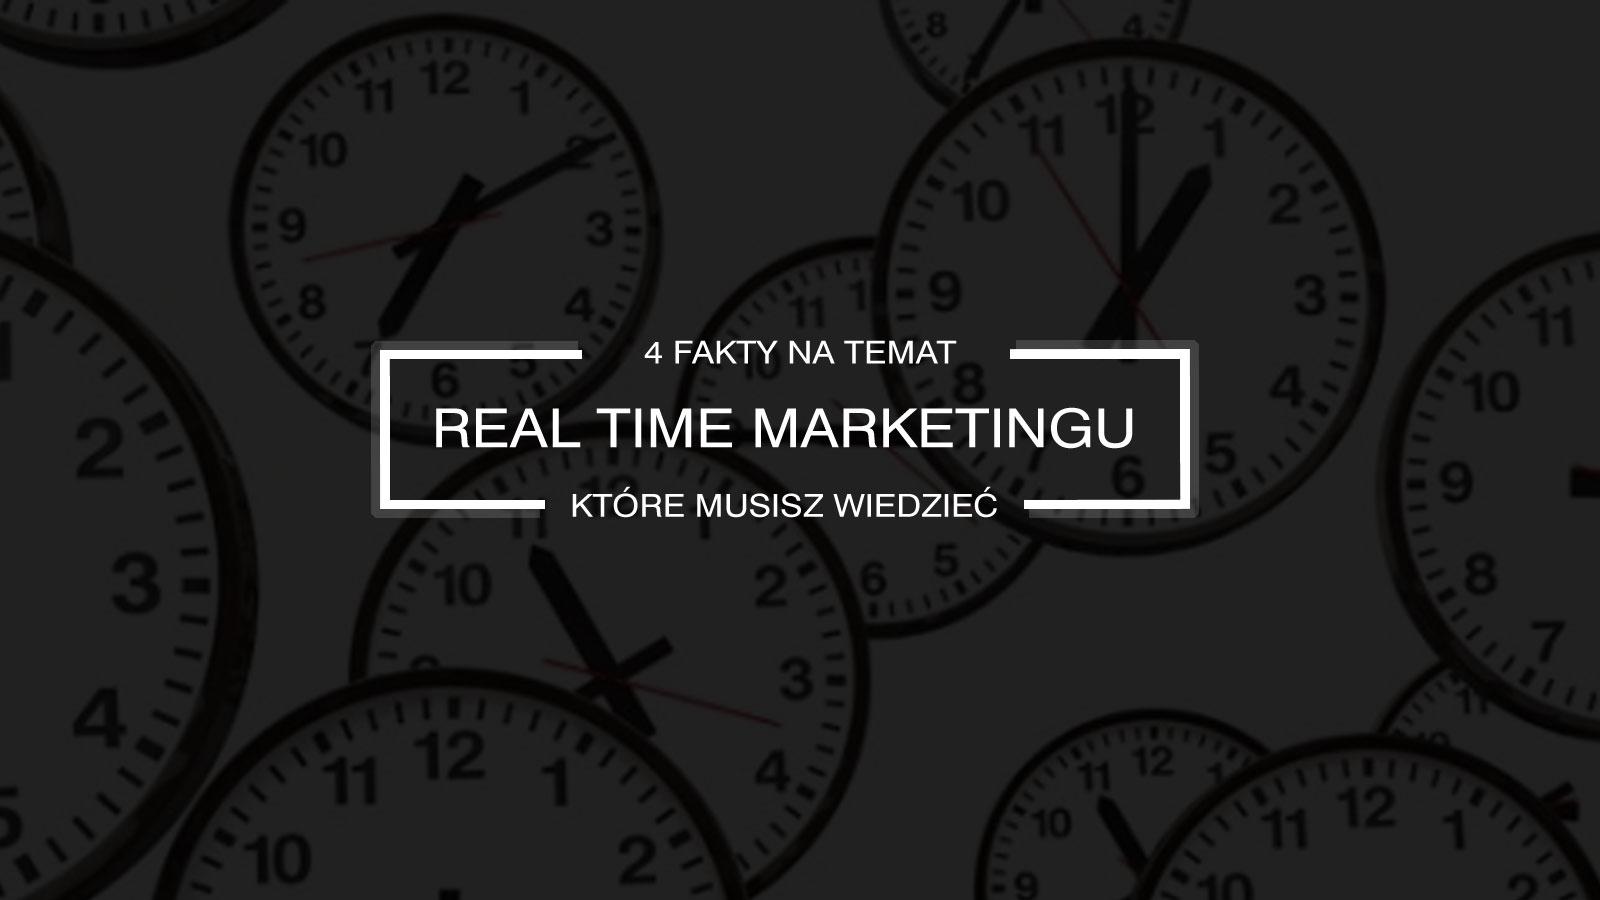 4 rzeczy, które powinieneś wiedzieć o real time marketingu